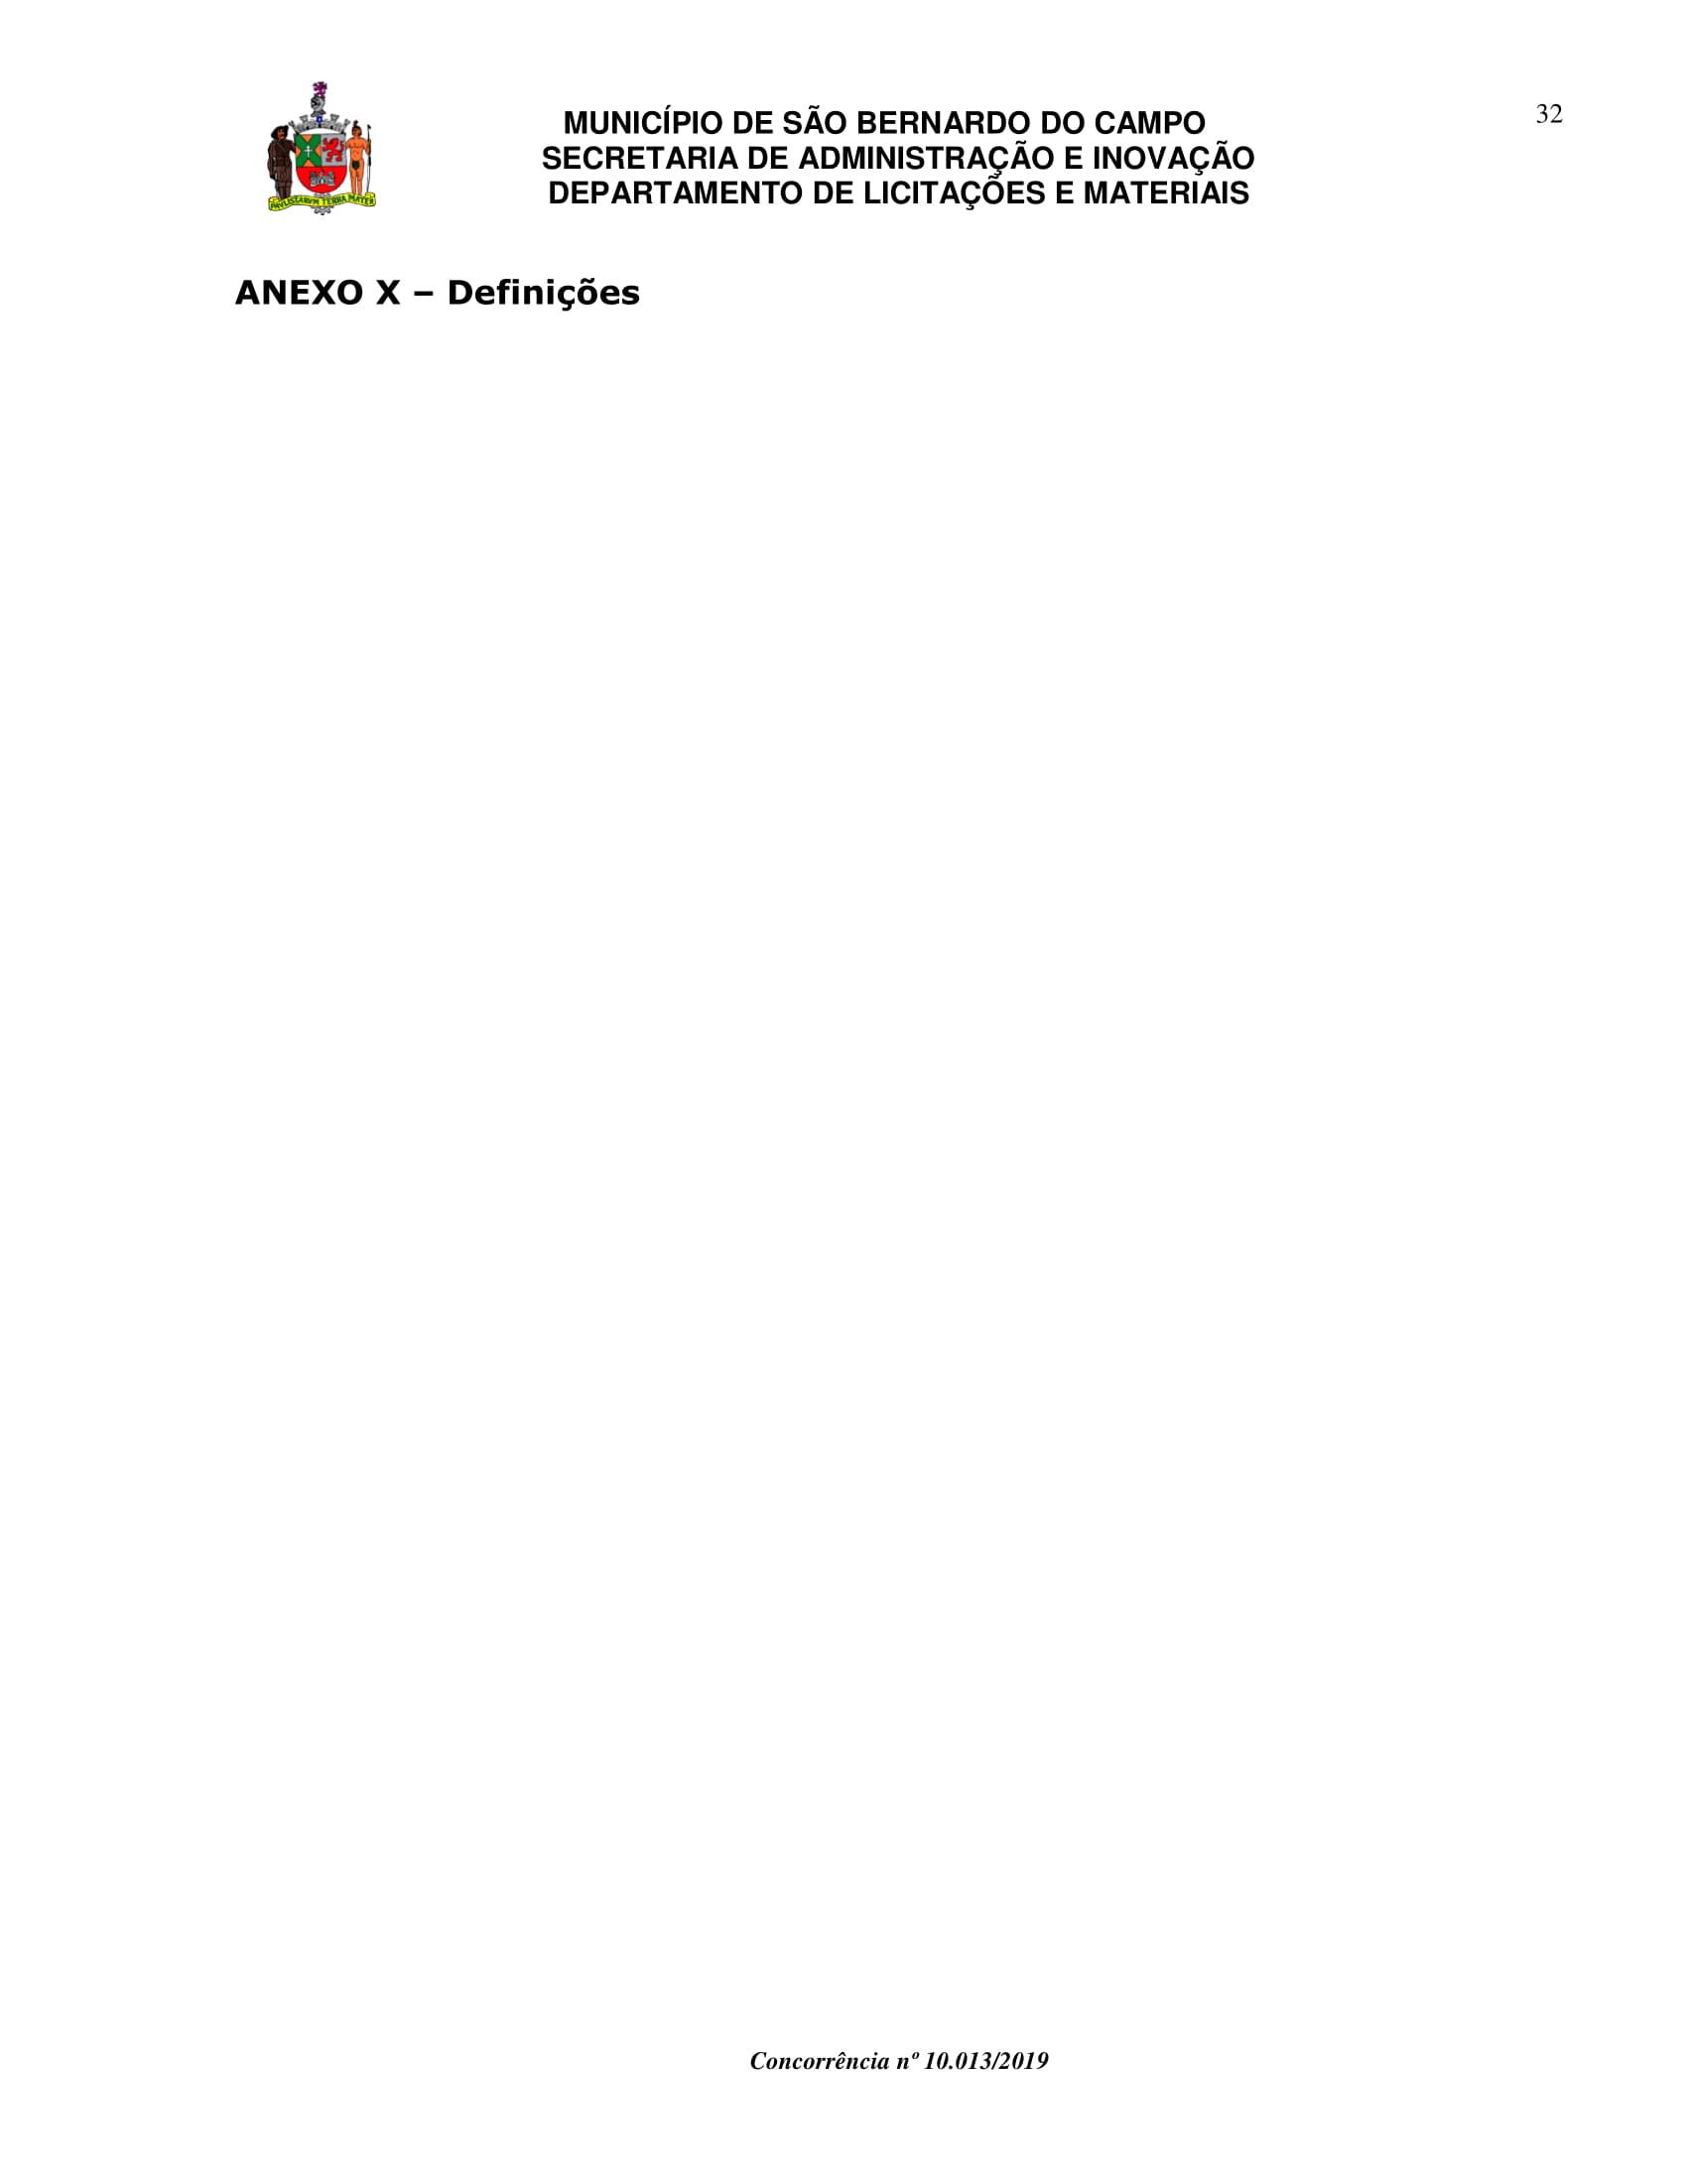 CP.10.013-19 edital-32